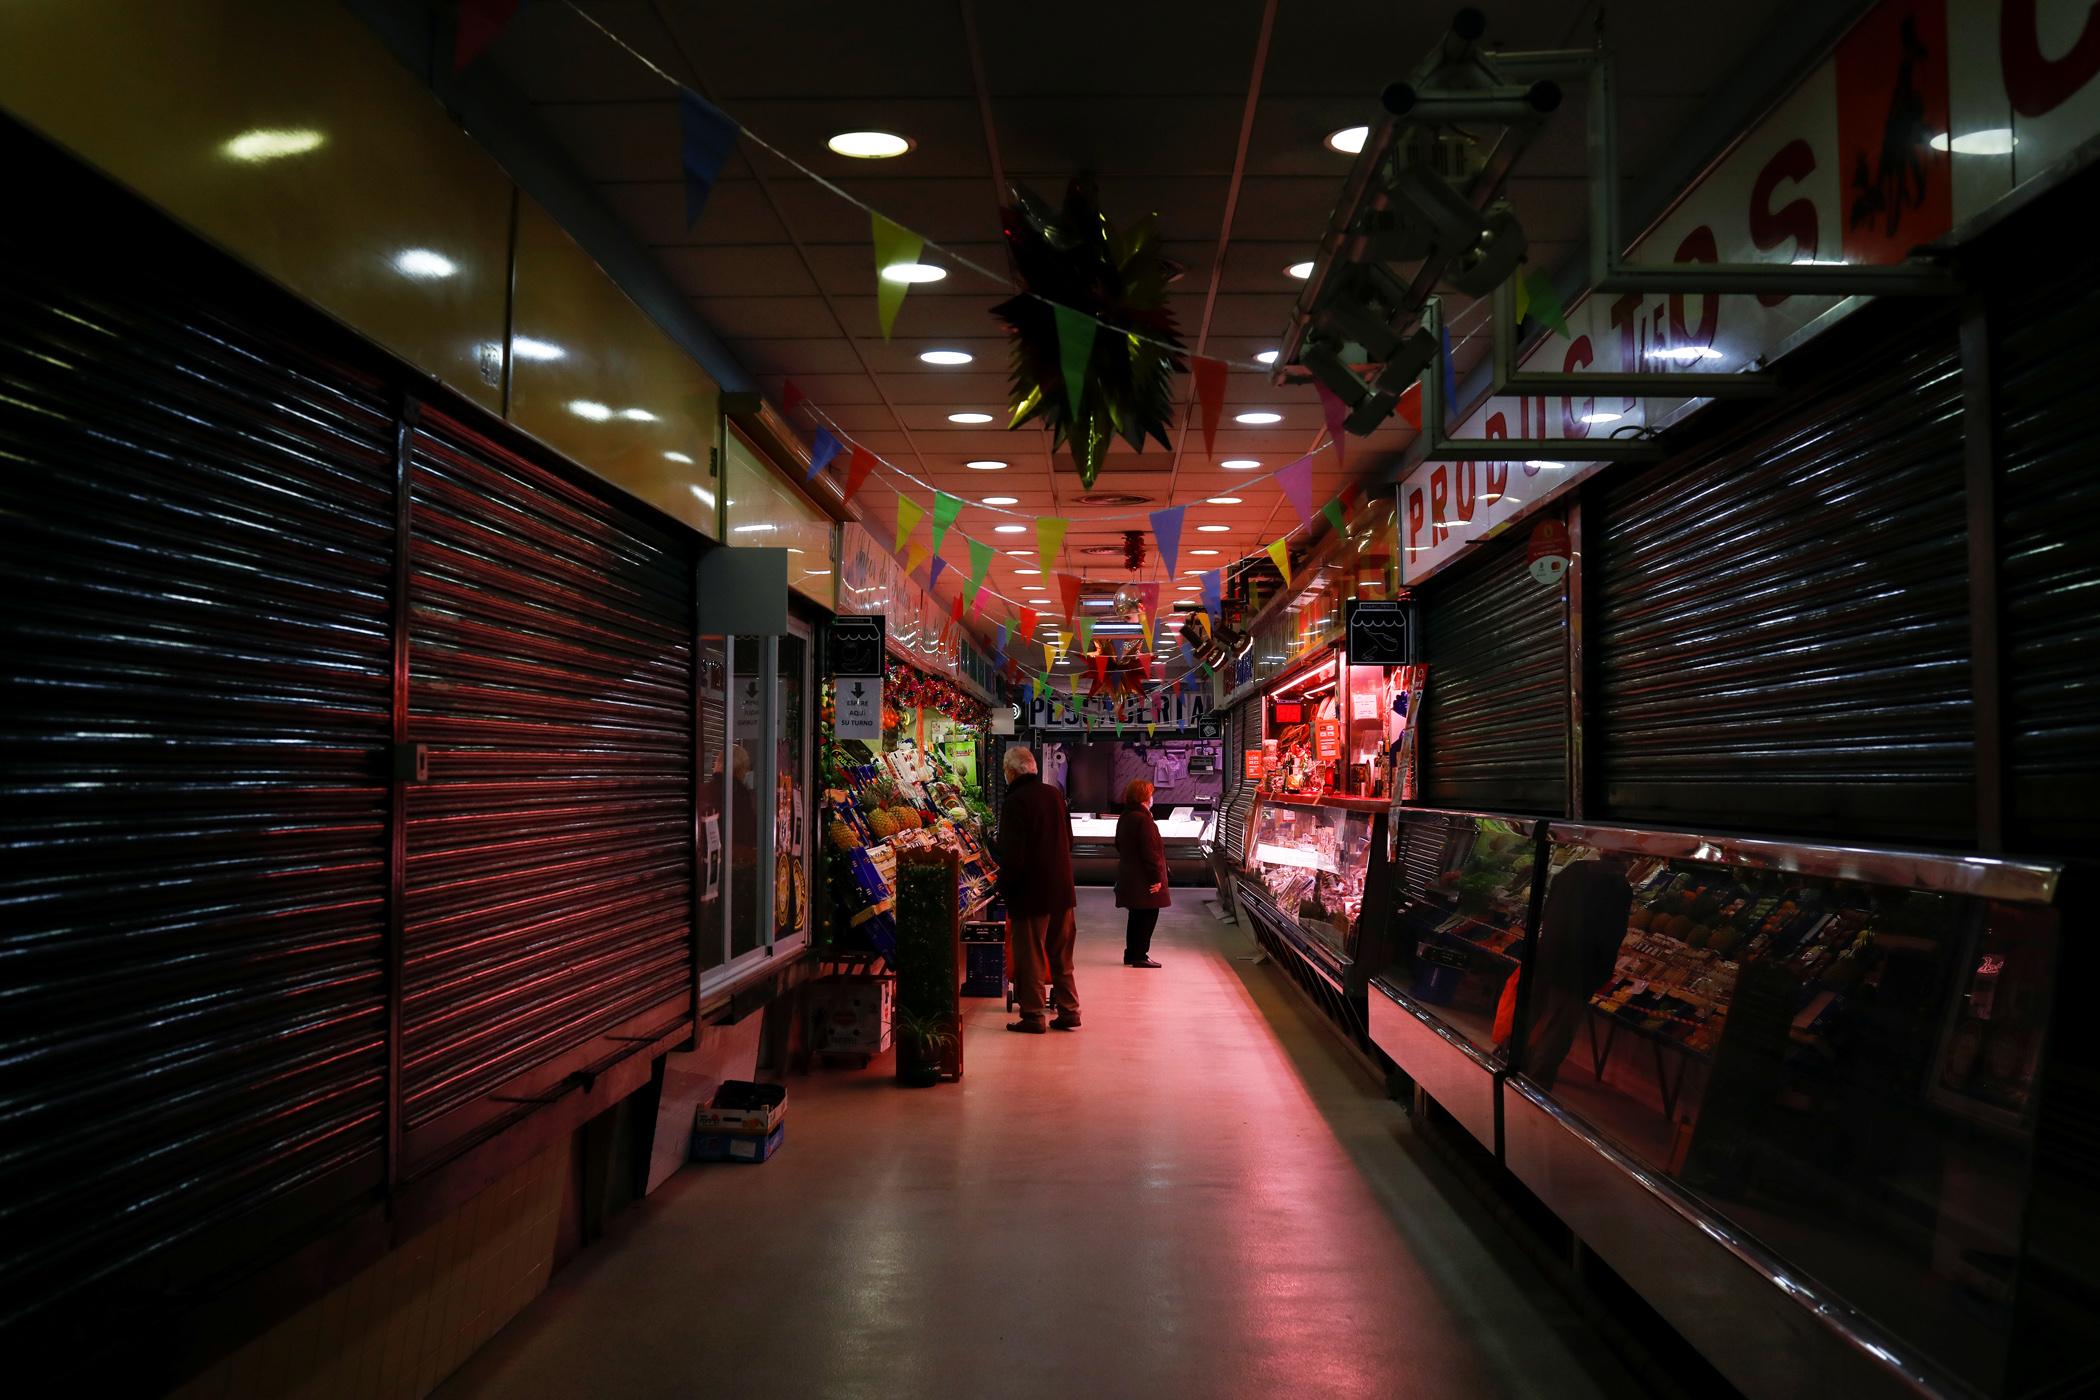 Ισπανία: Σε καραντίνα όσοι φτάνουν από Βραζιλία και Νότια Αφρική